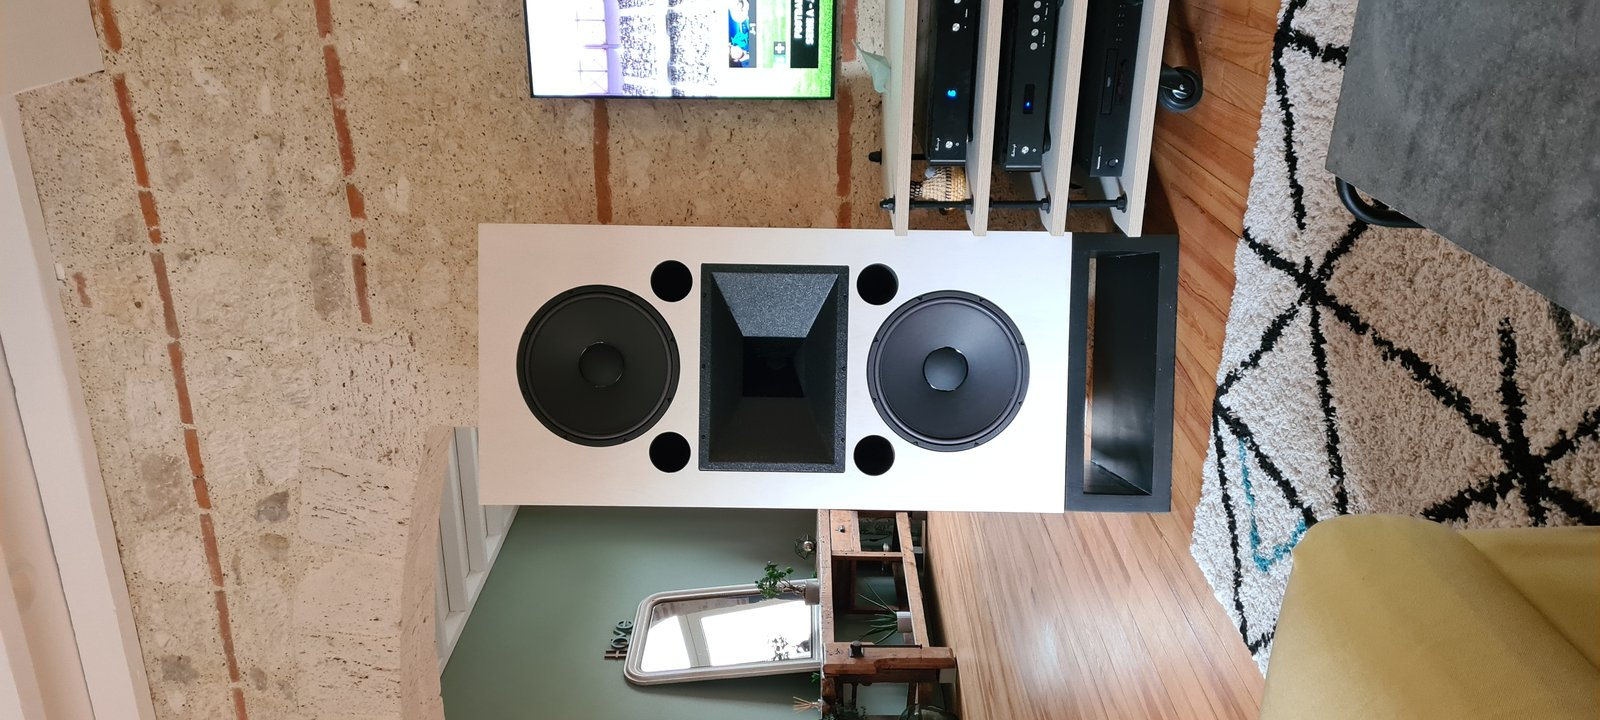 Projet DIY - Double 38 - Compression 2 pouces - l'aboutissement ? - Page 7 201026033316339550